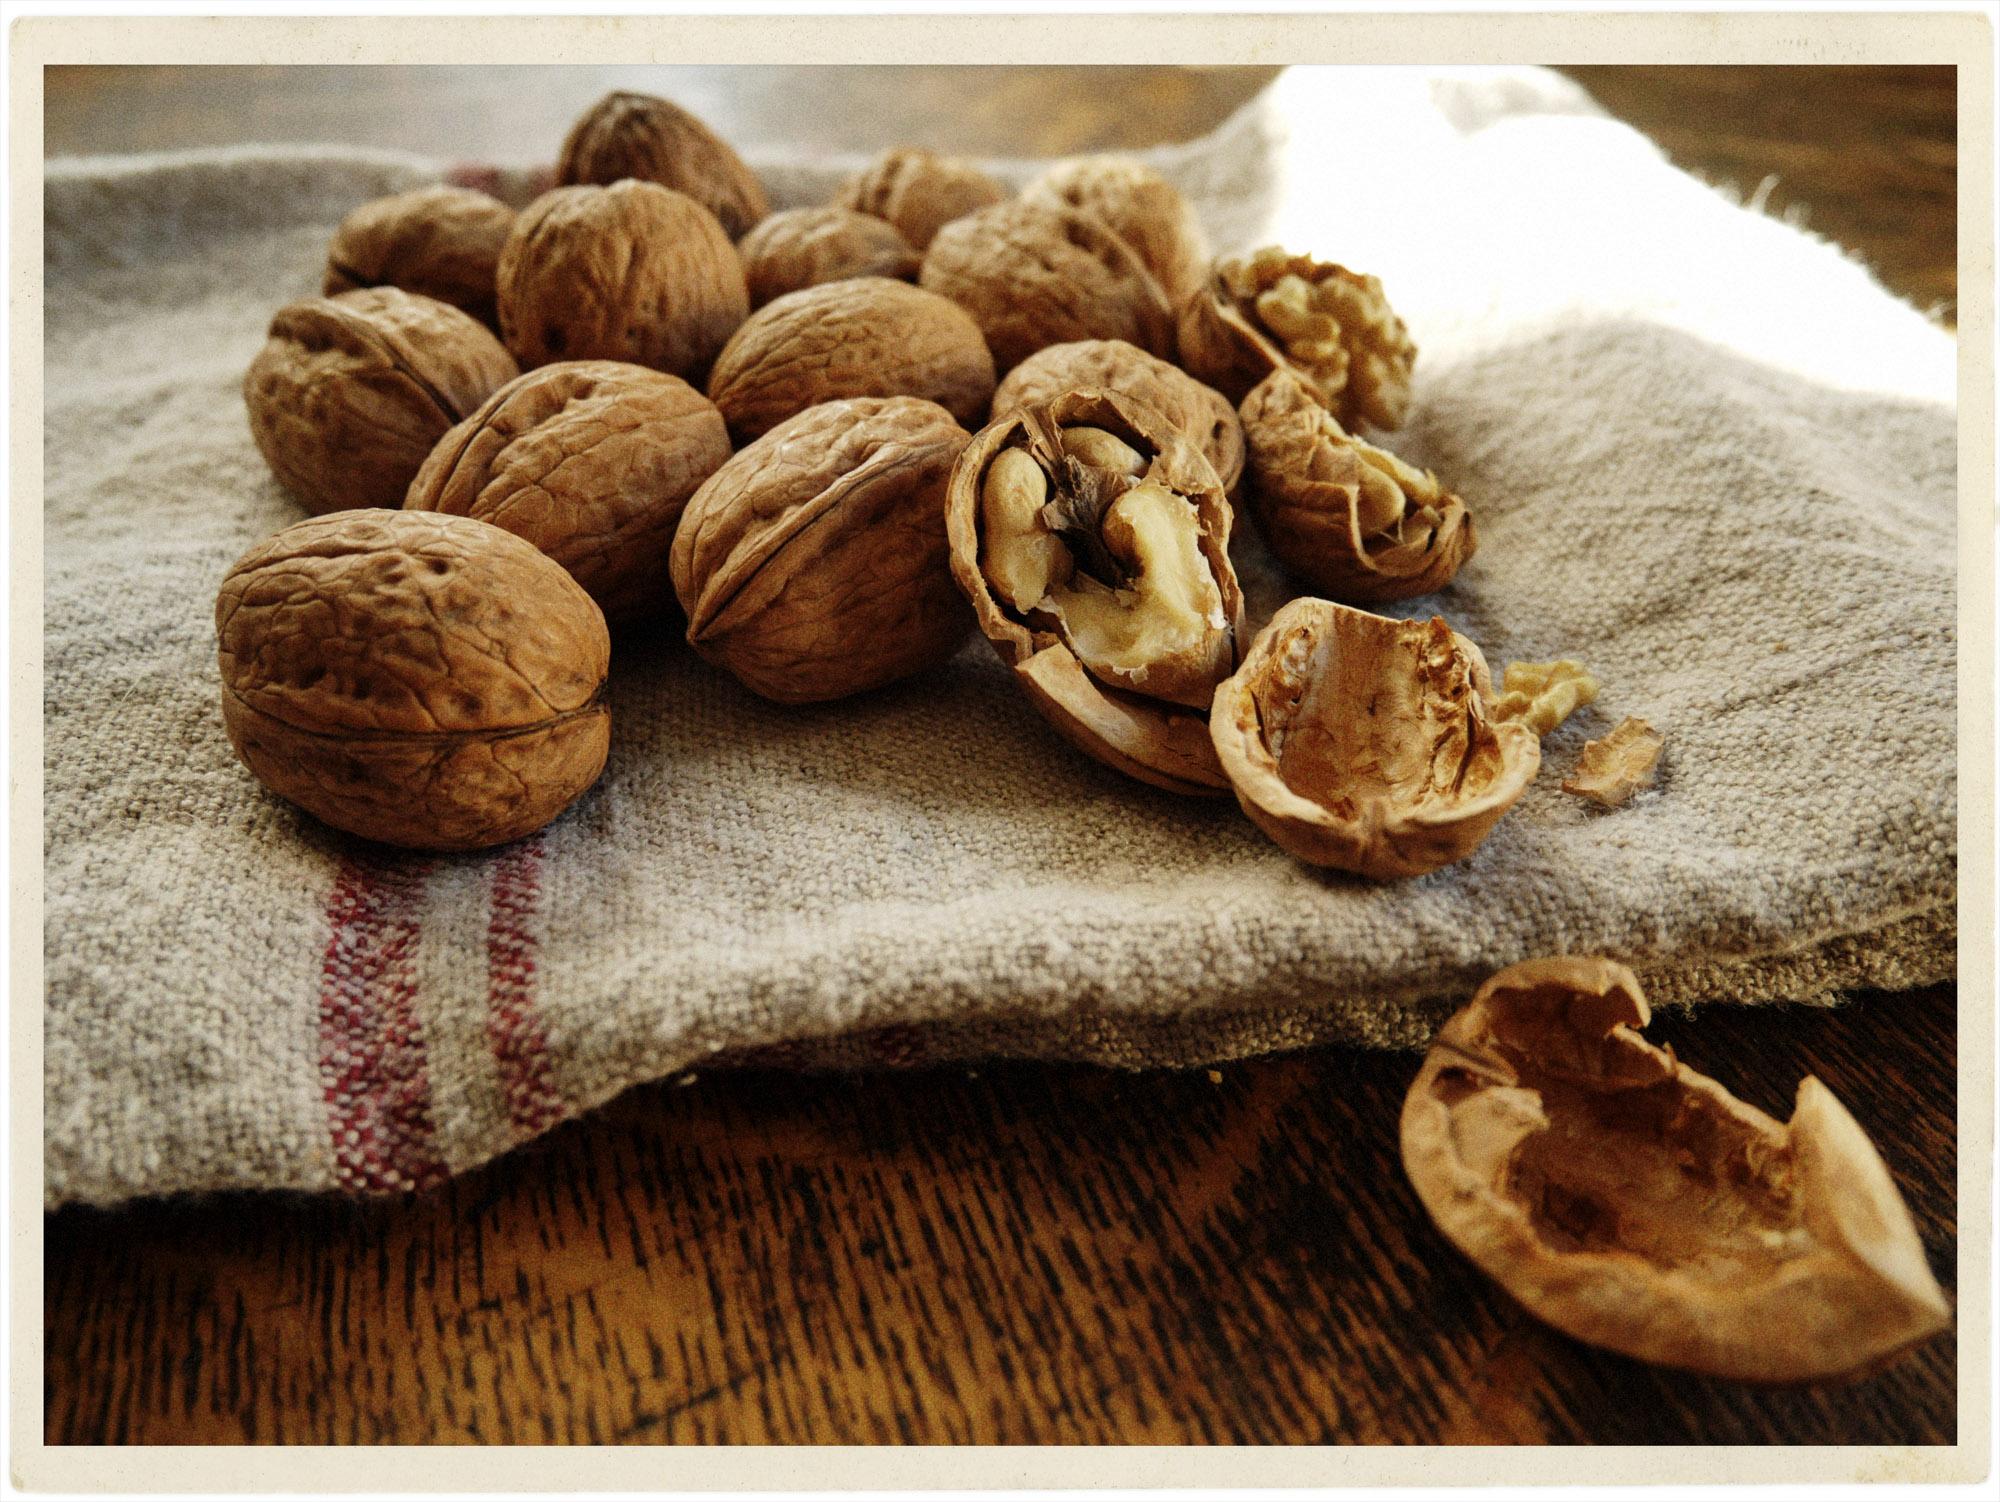 Gorgeous Savoie walnuts